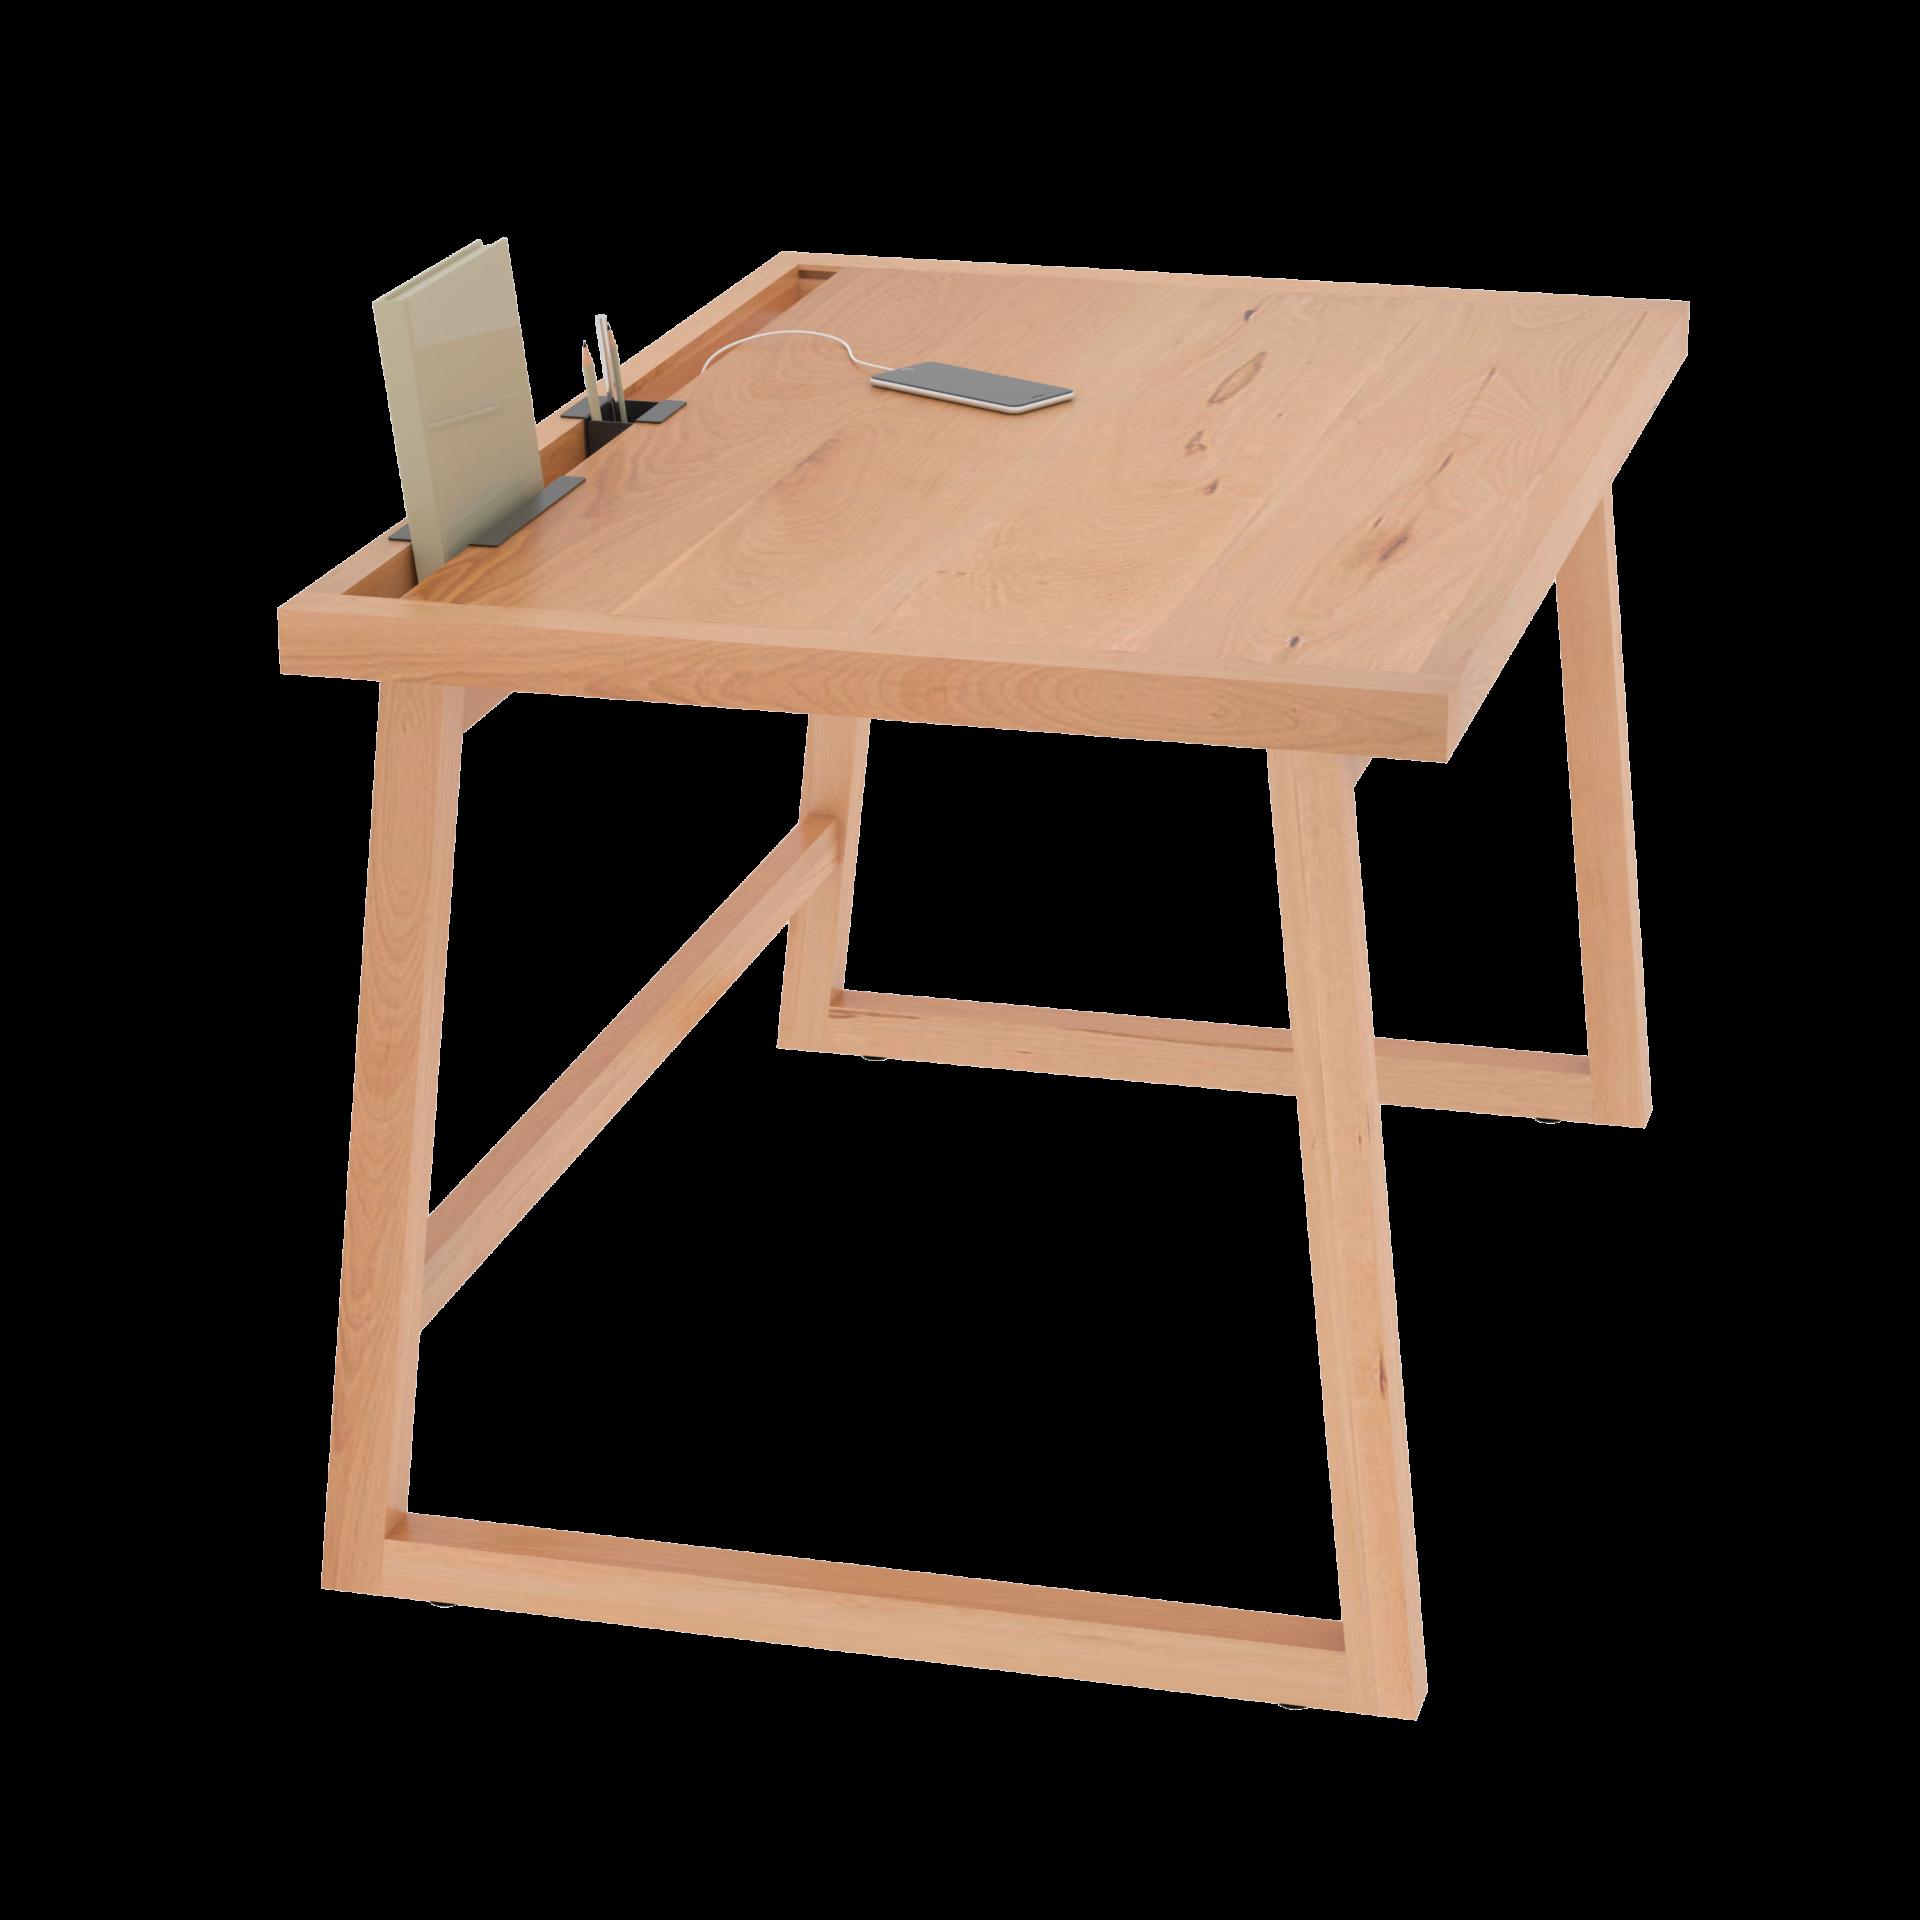 La Compagnie Du Hetre bureau bois massif hêtre compagnie 150 cm - dès 462€ - la compagnie du hêtre